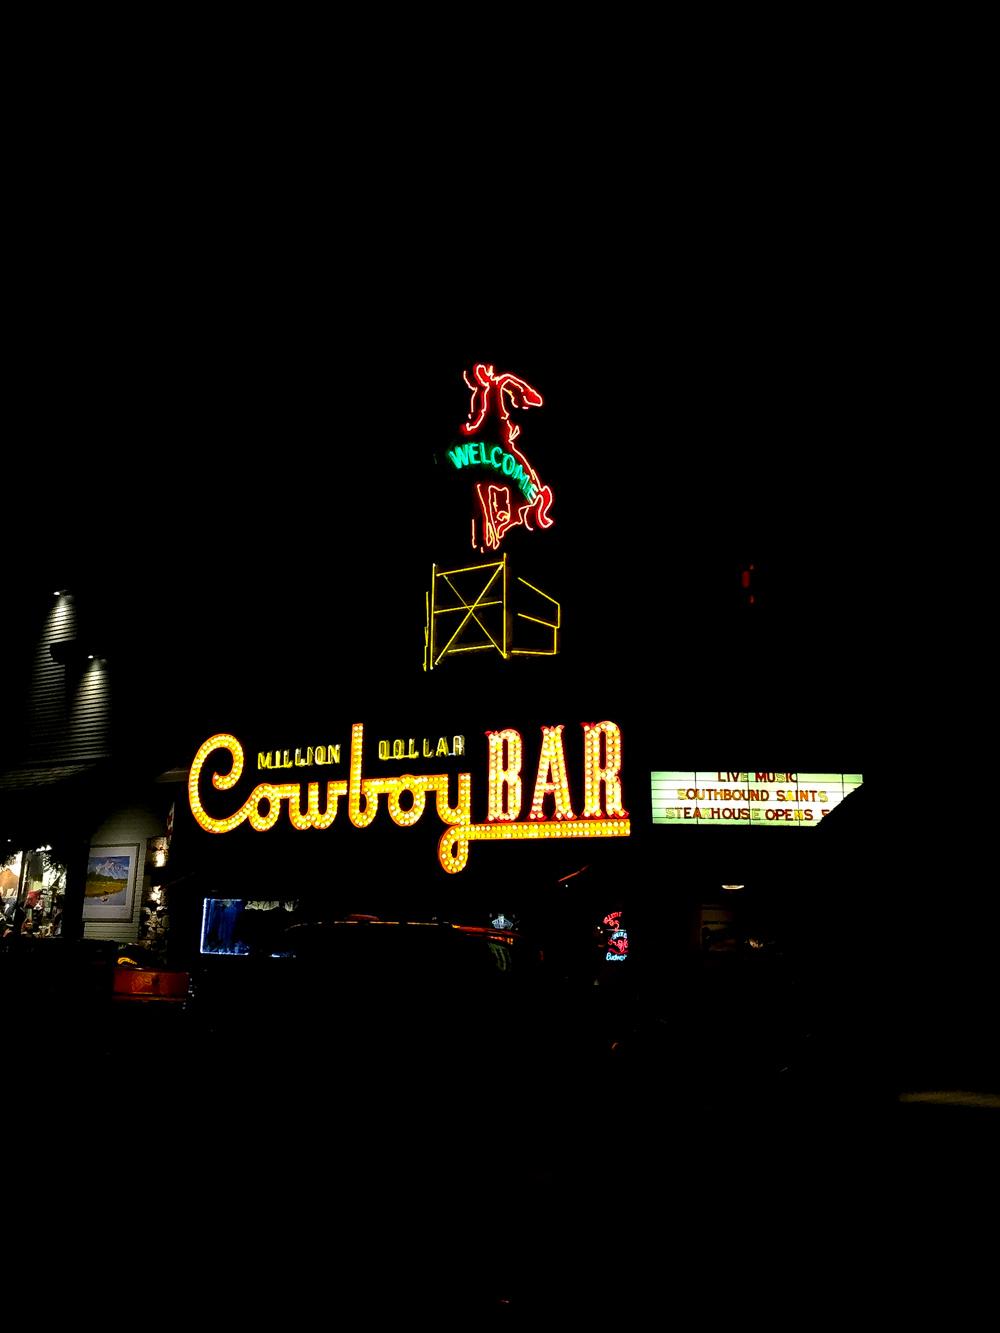 Million Dollar Cowboy Bar in Jackson, WY